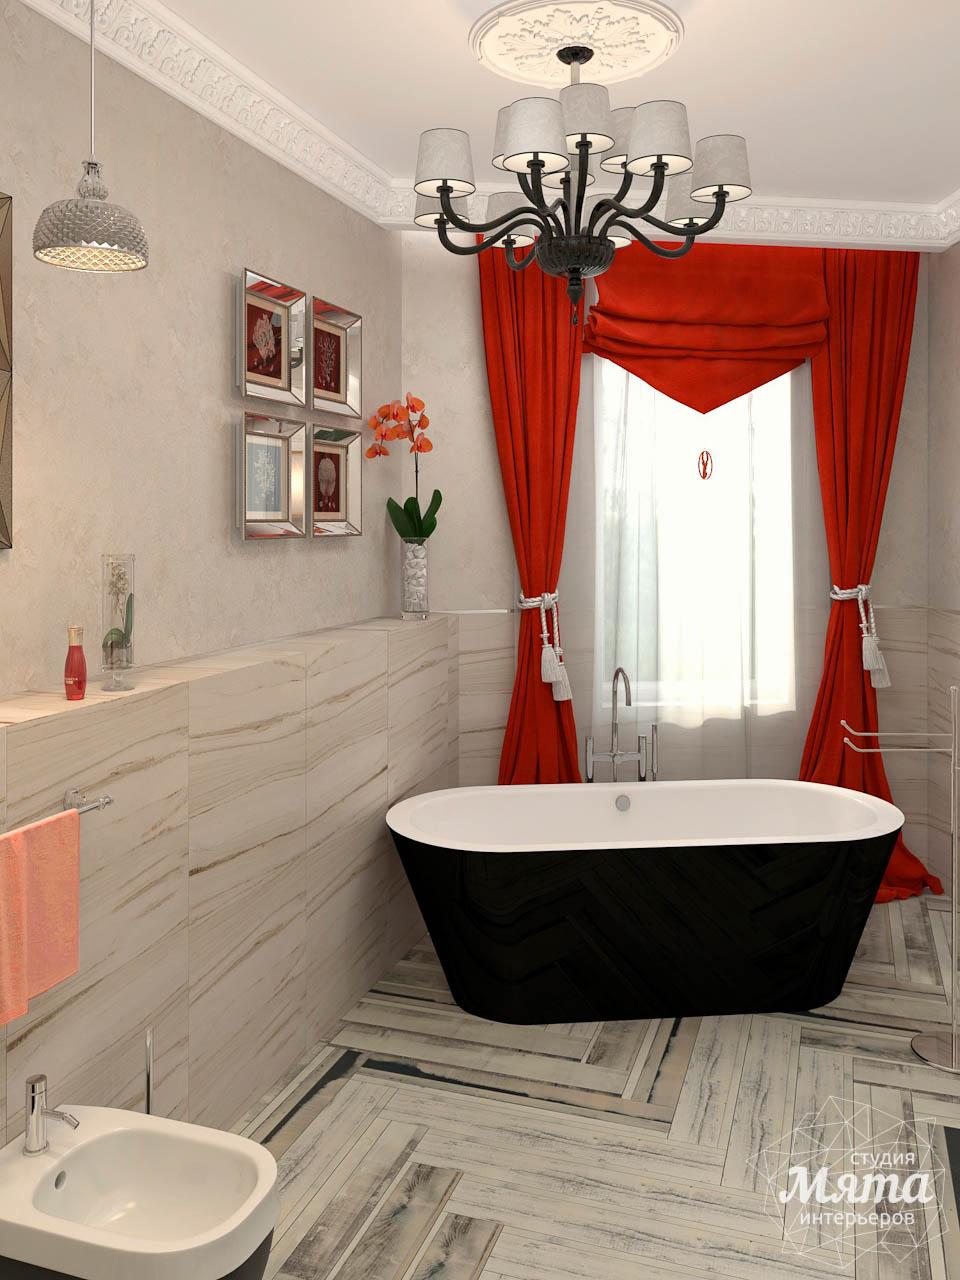 Дизайн интерьера коттеджа в п. Дубрава img533588715